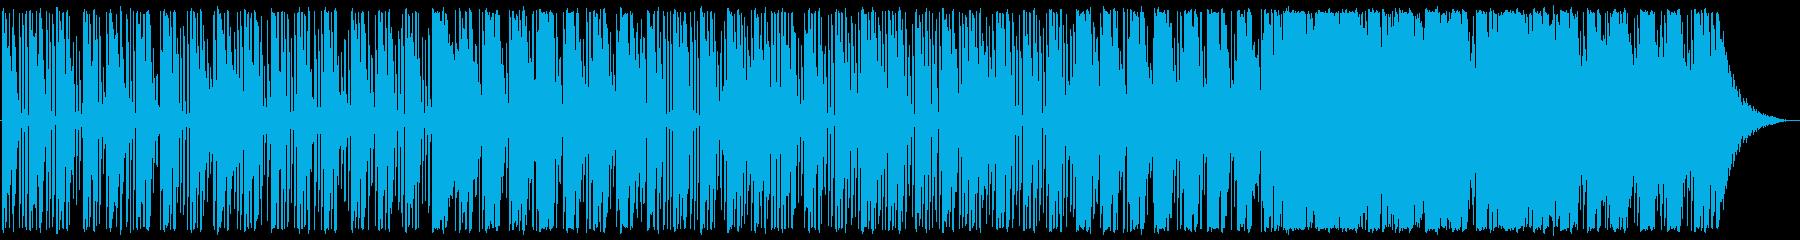 優しいエレクトロニカの再生済みの波形